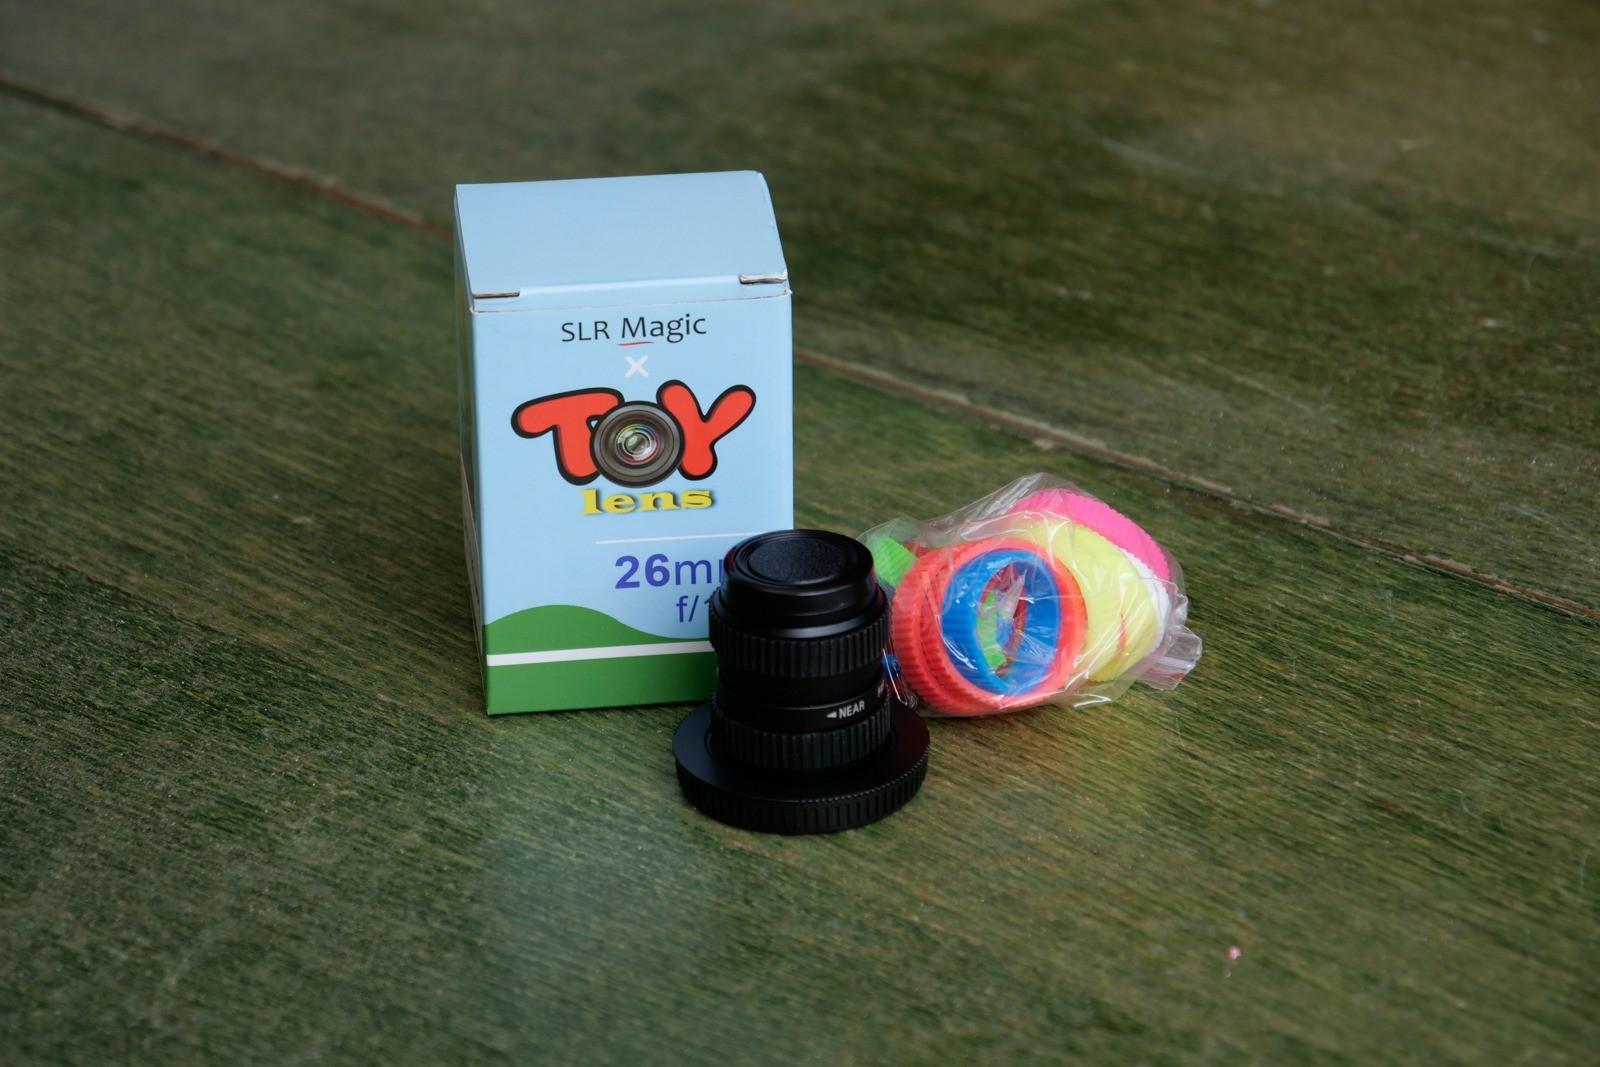 Med objektivet følger en række farvede gummiringe med til at pynte det